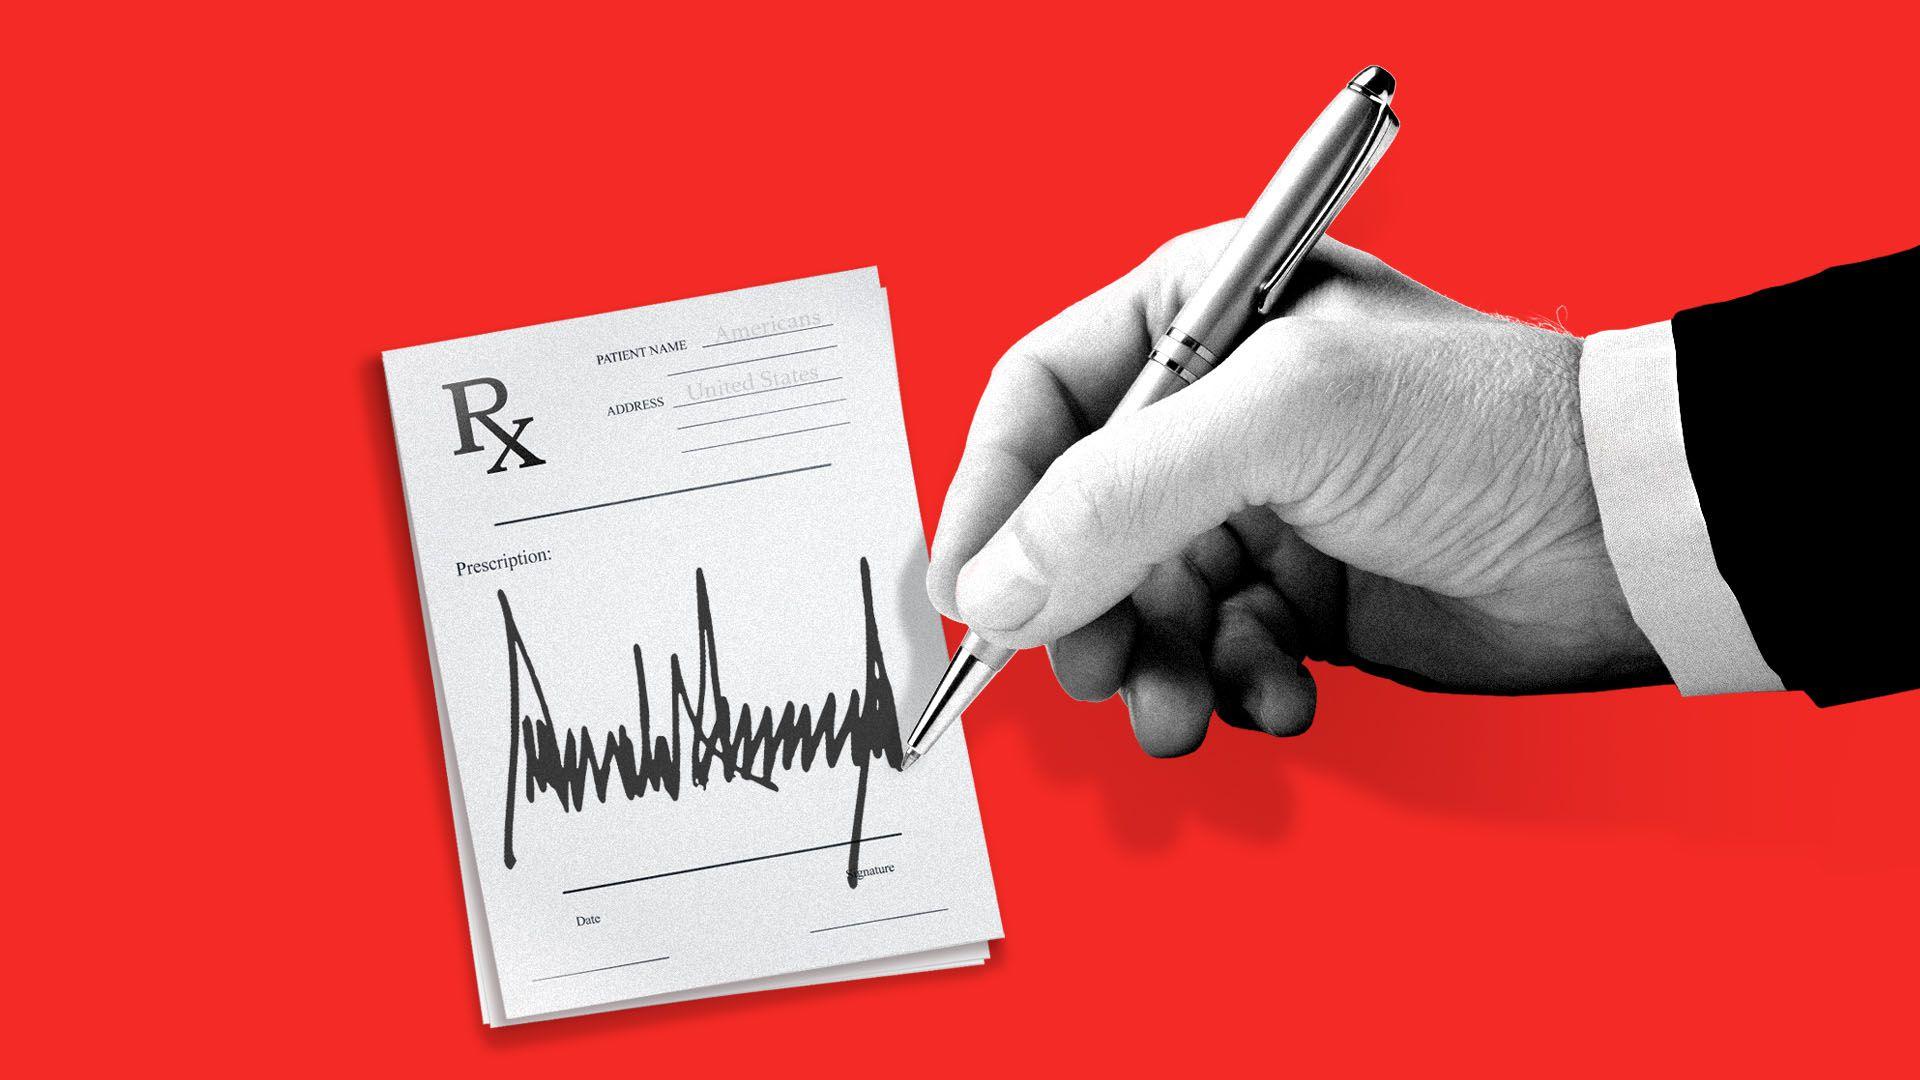 Πως ο Τραμπ επιχειρεί να καταπολεμήσει το υψηλό κόστος των φαρμάκων